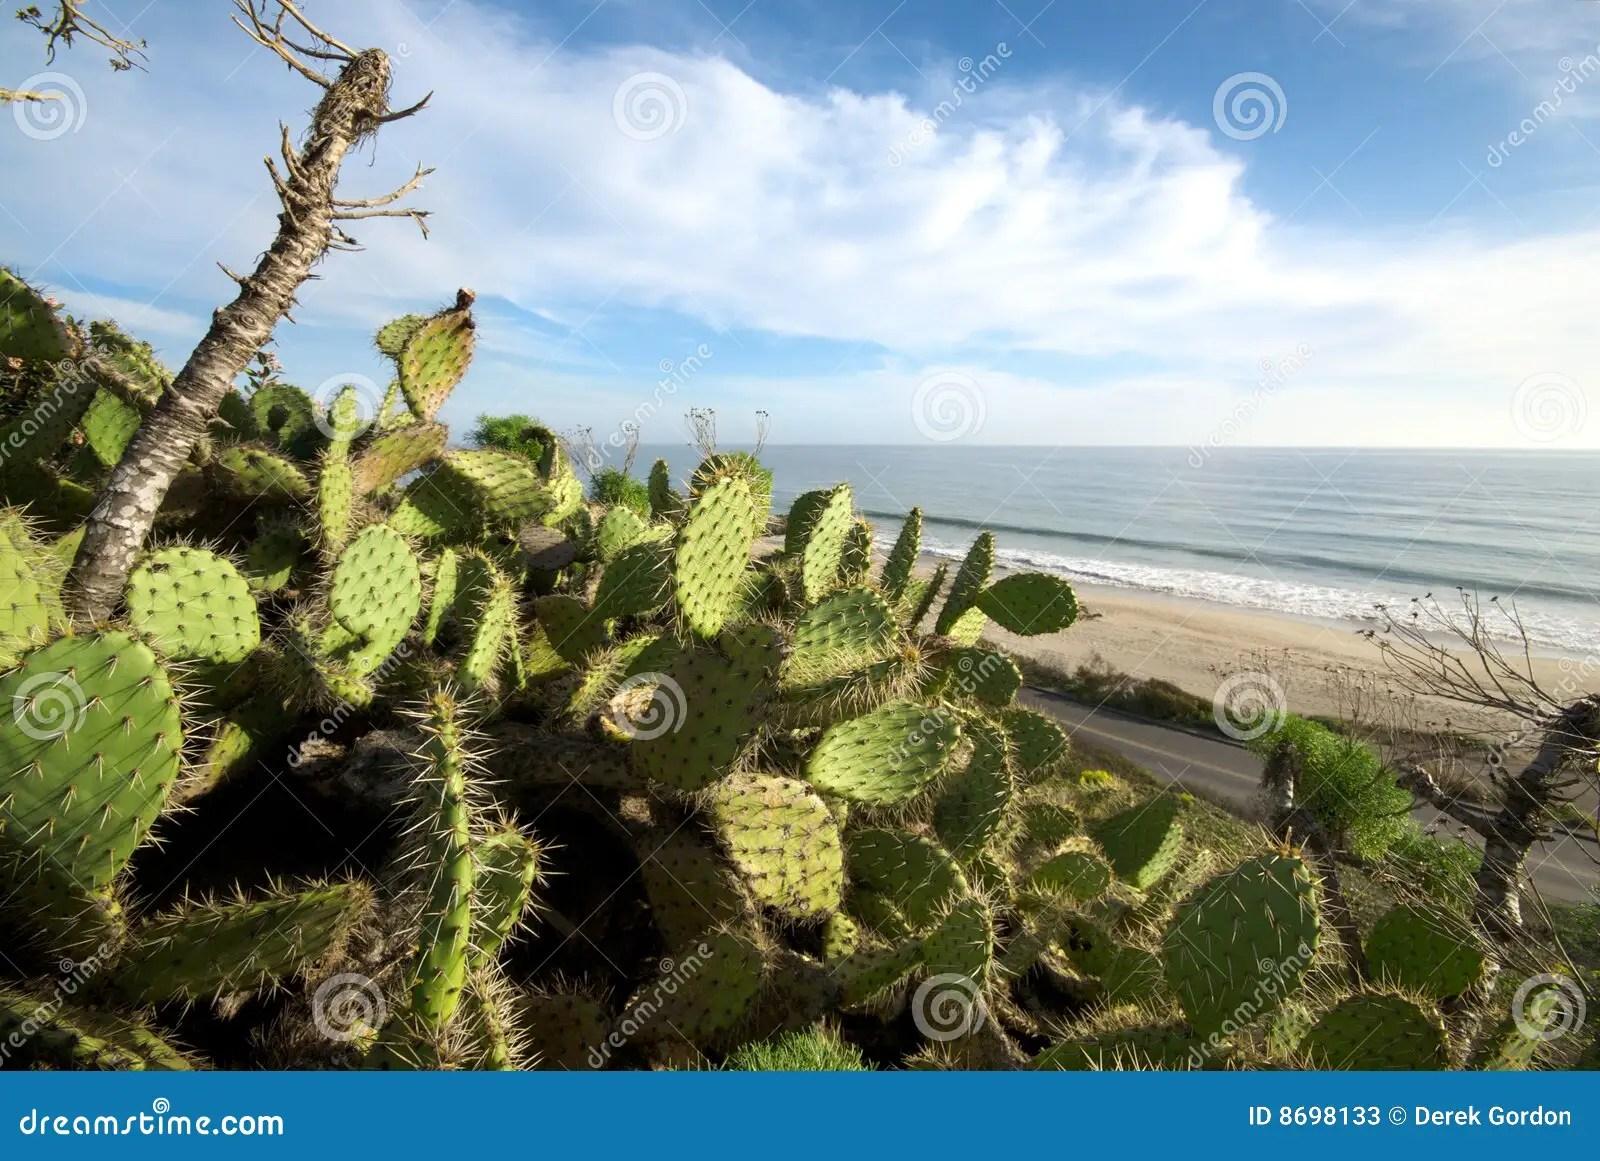 Cactus Plants Along California Beach Stock Photos Image